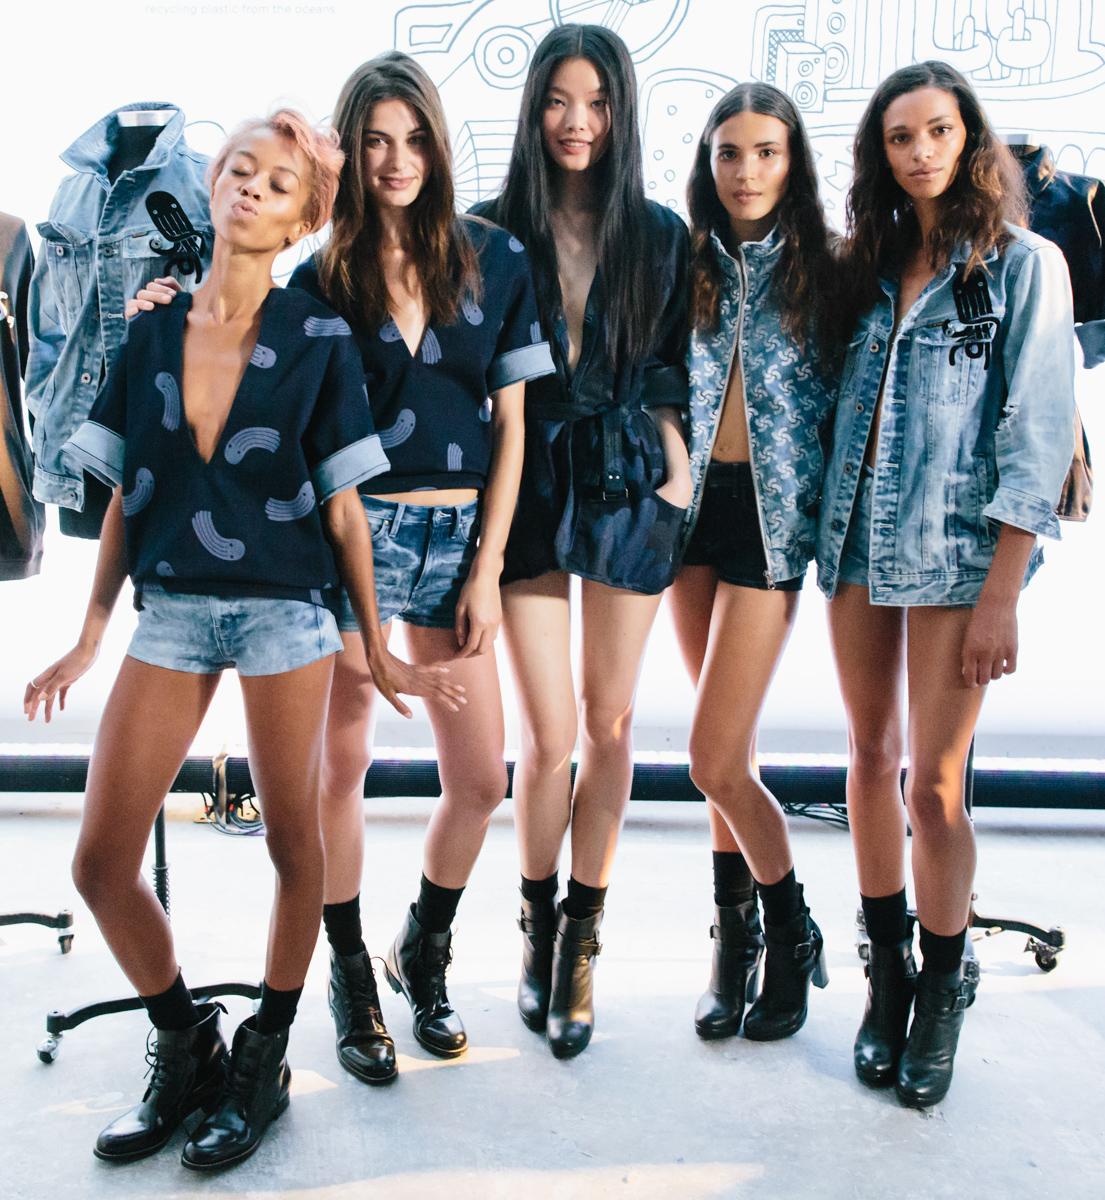 Fashion_Week-38.jpg